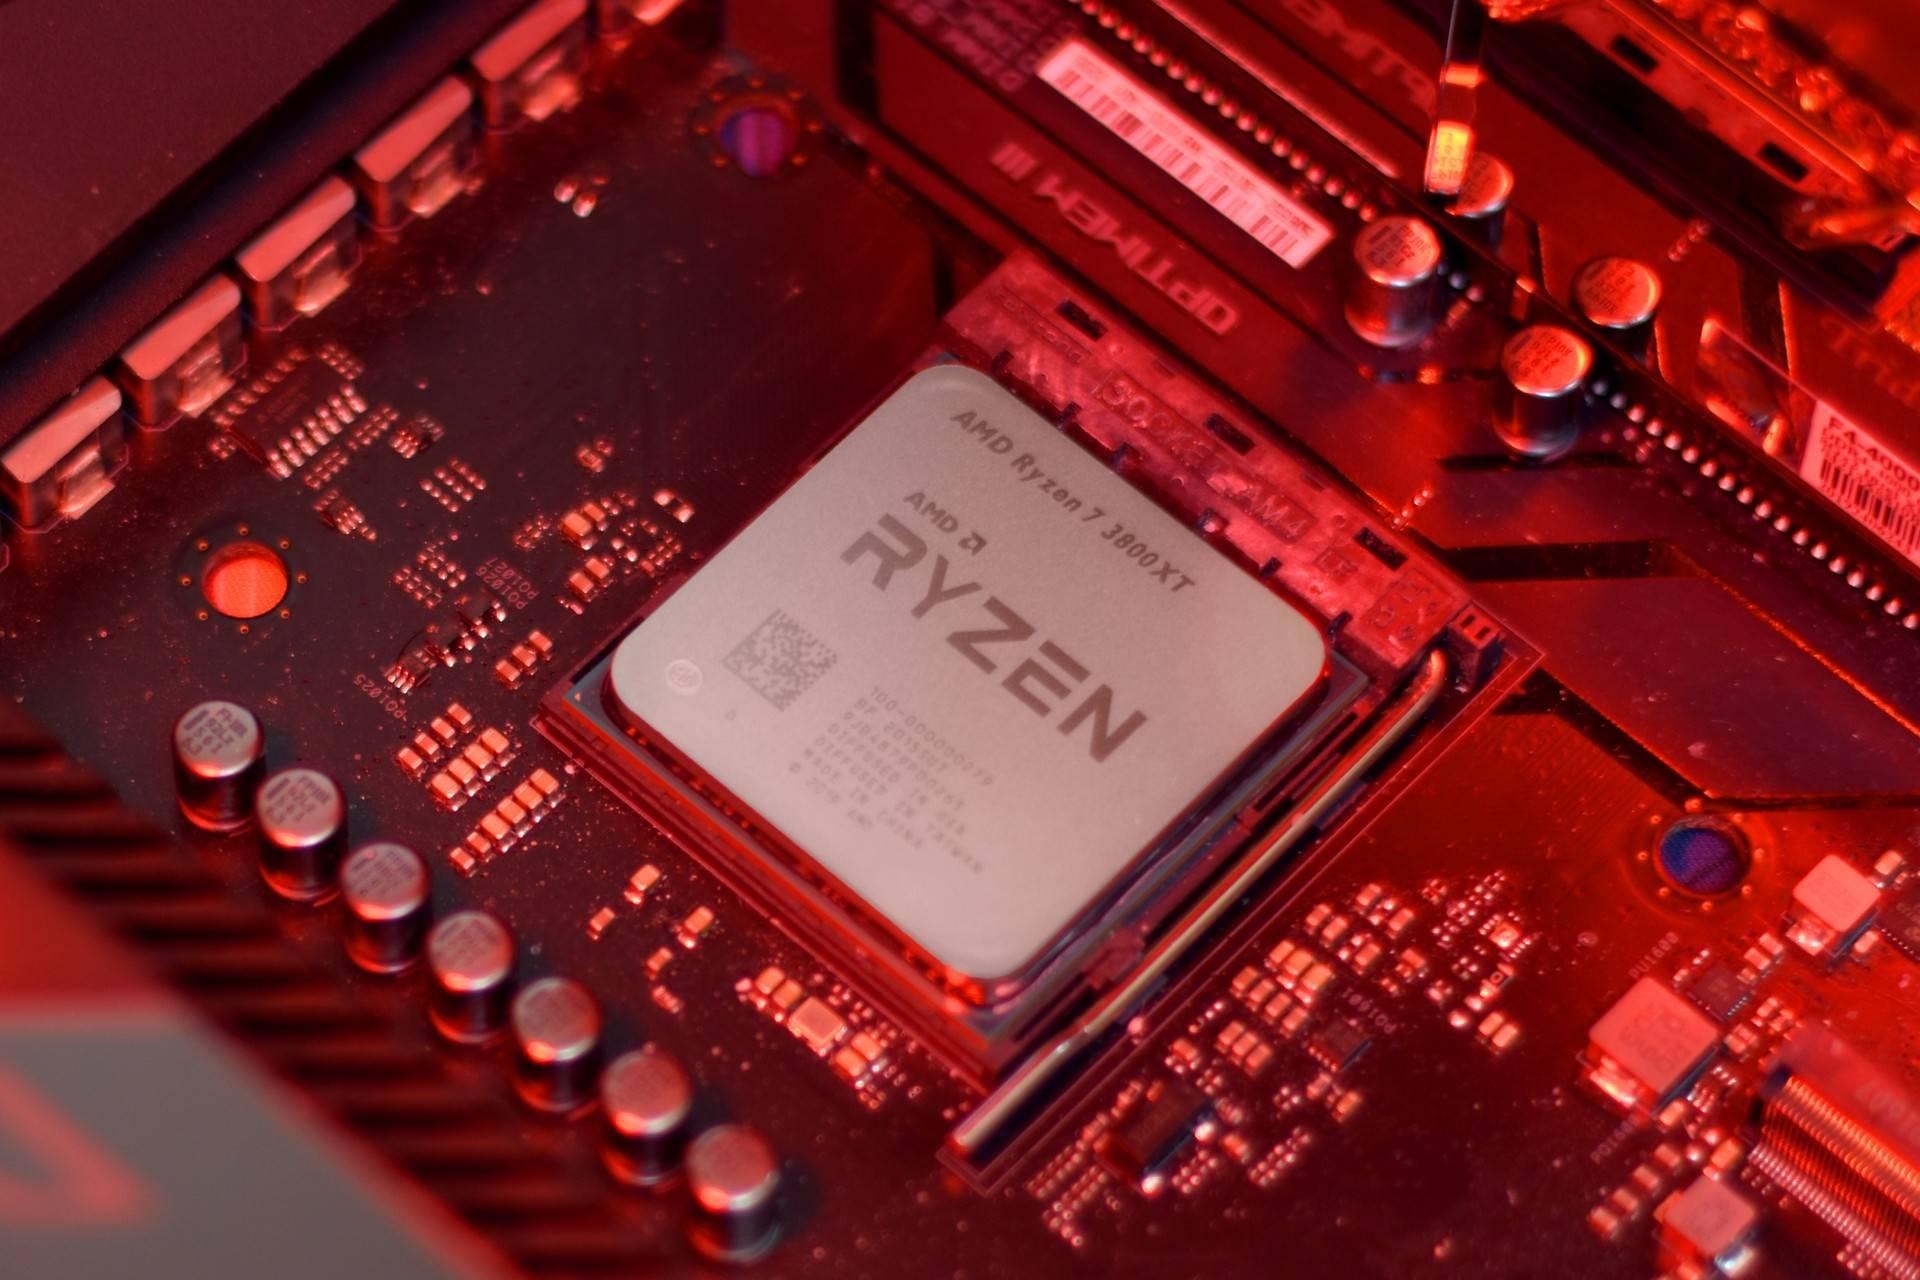 Ryzen 9 3900XT - Ryzen 7 3800XT - Ryzen 5 3600XT